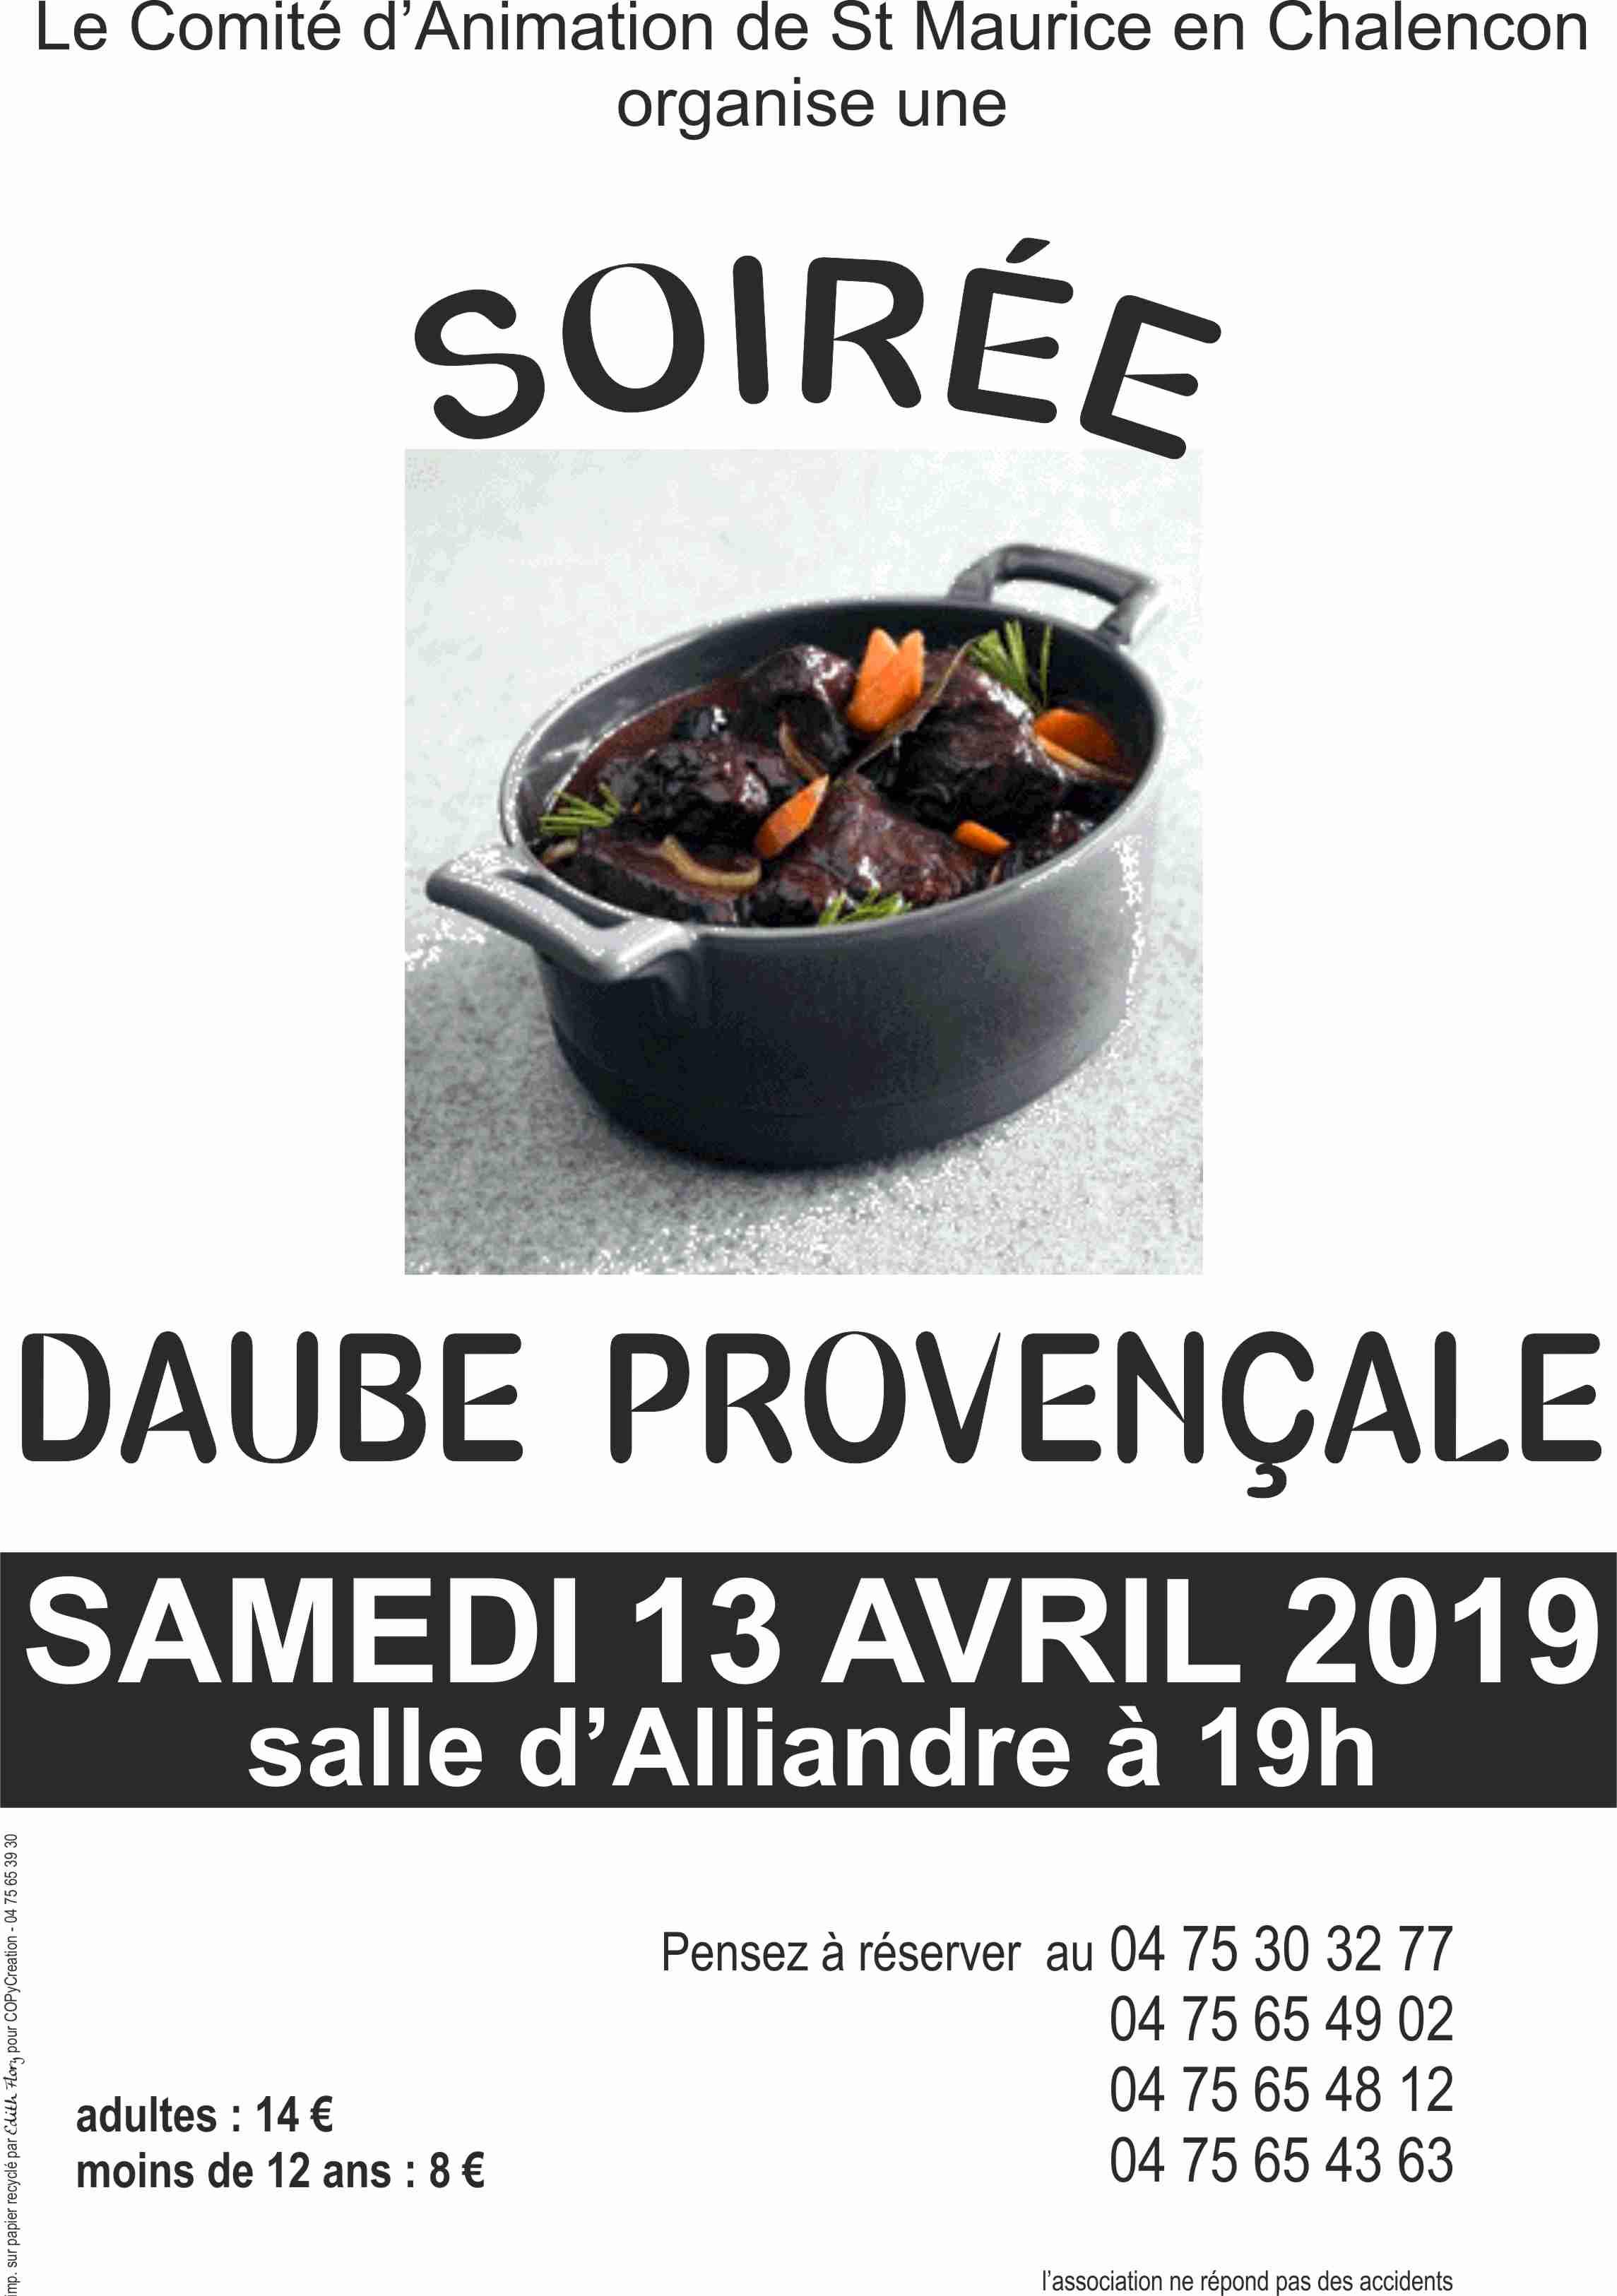 DAUBE 2019 Affiche